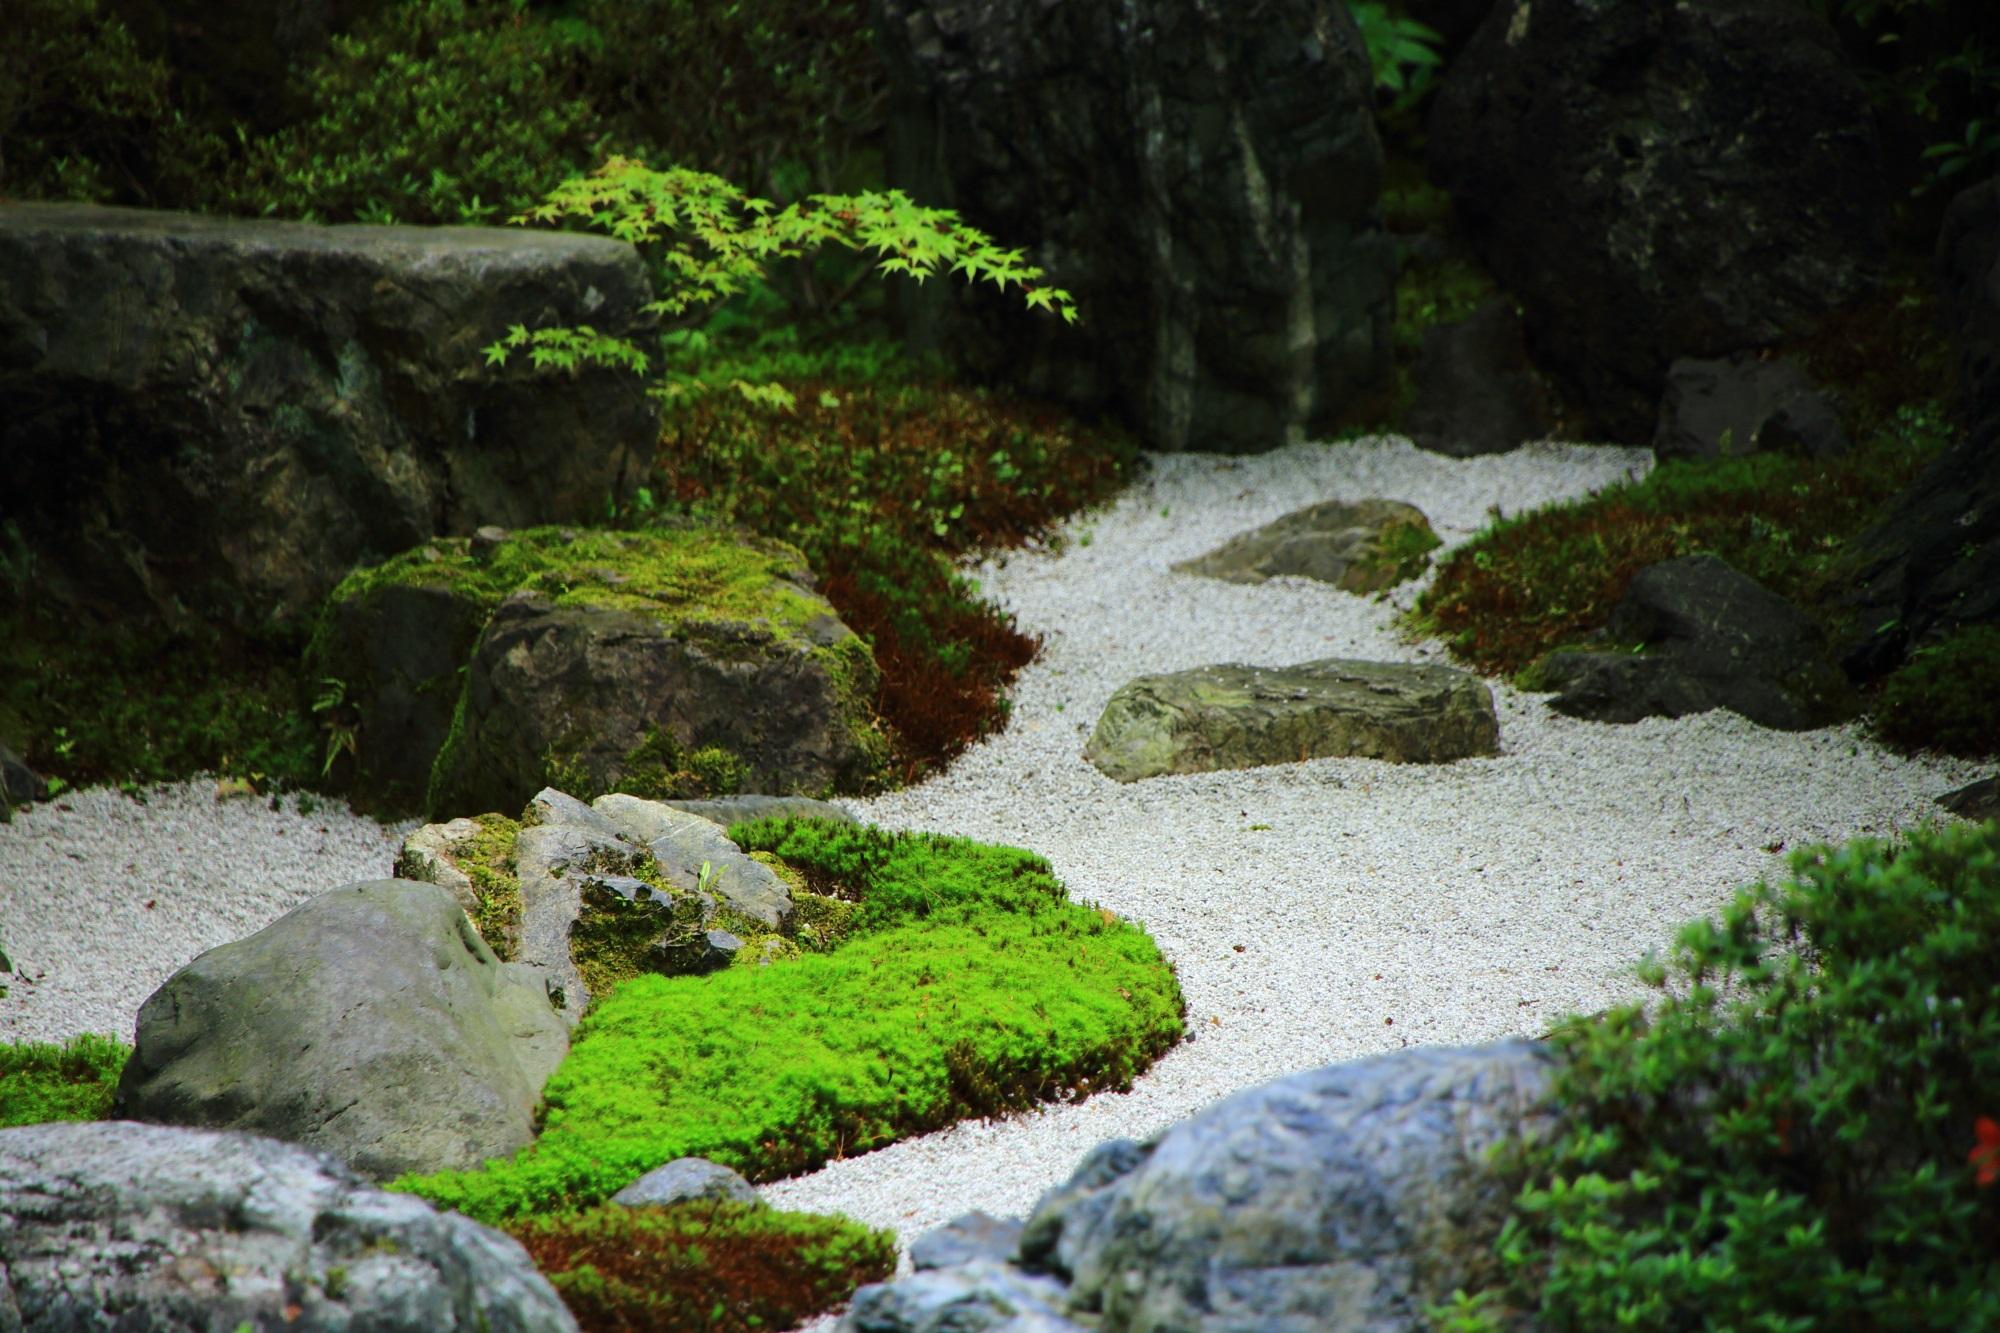 白砂 苔 方丈南庭 綺麗